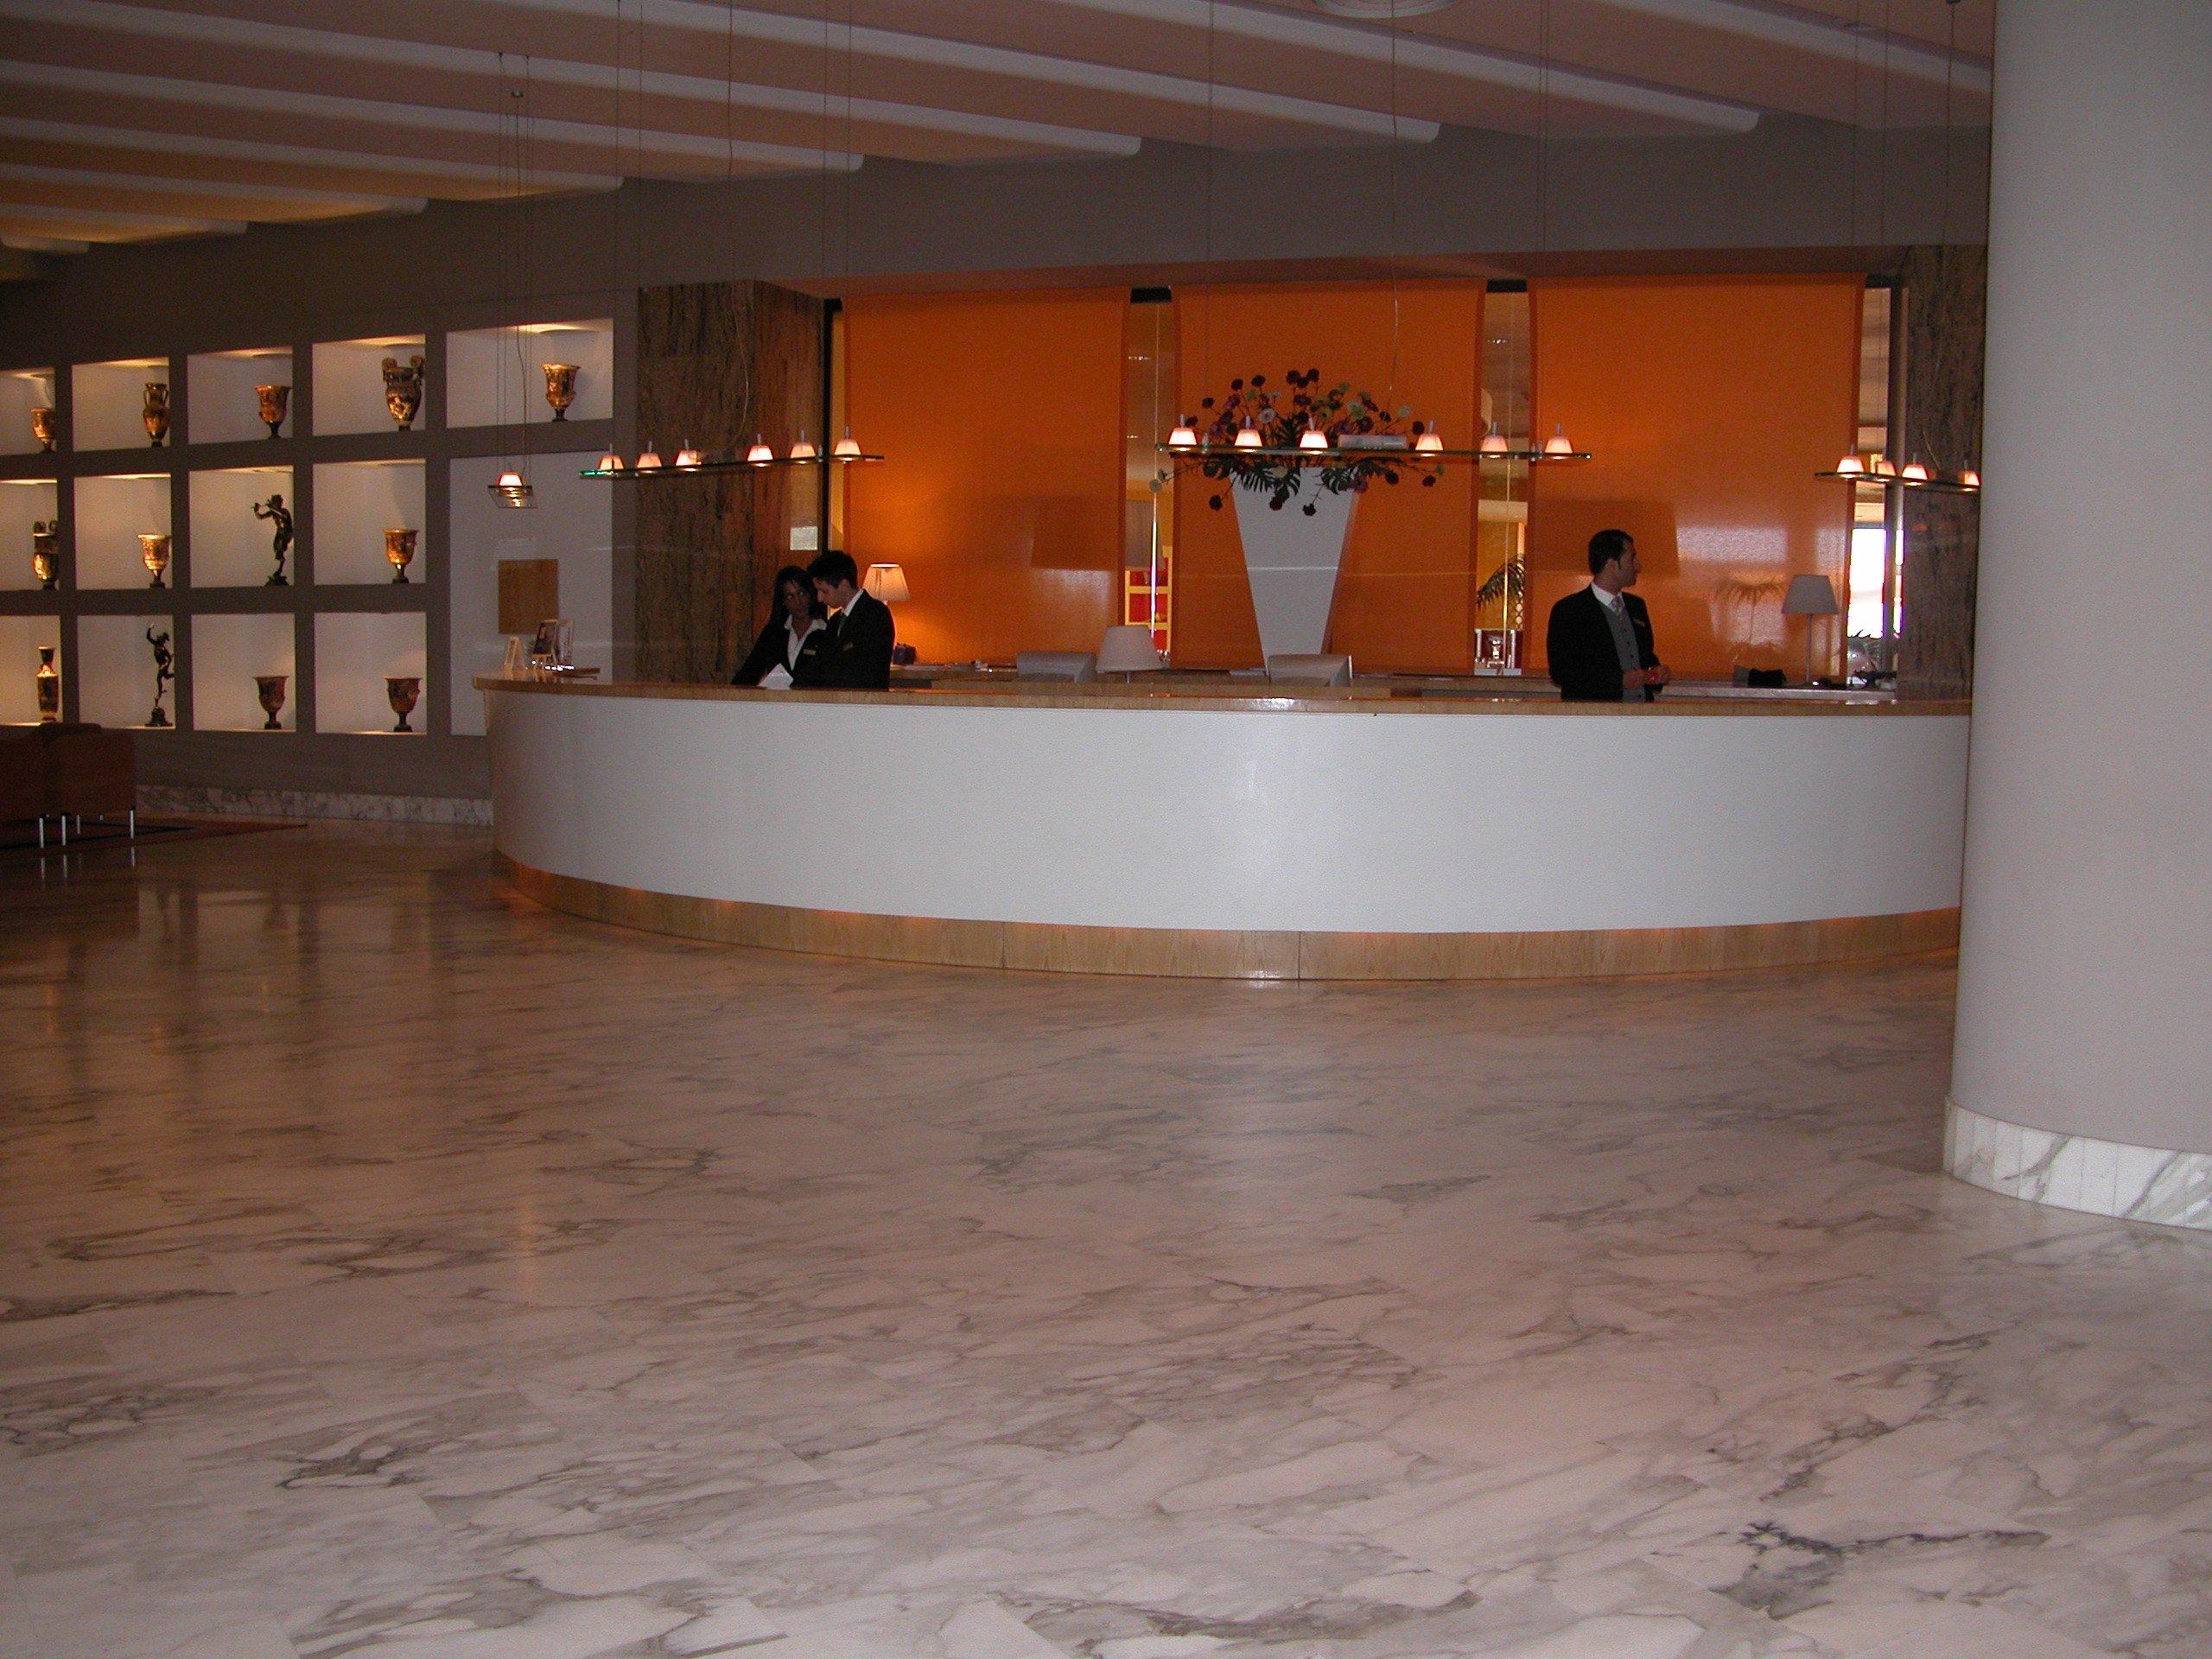 Reception di un hotel elegante con bancone e receptionist dietro